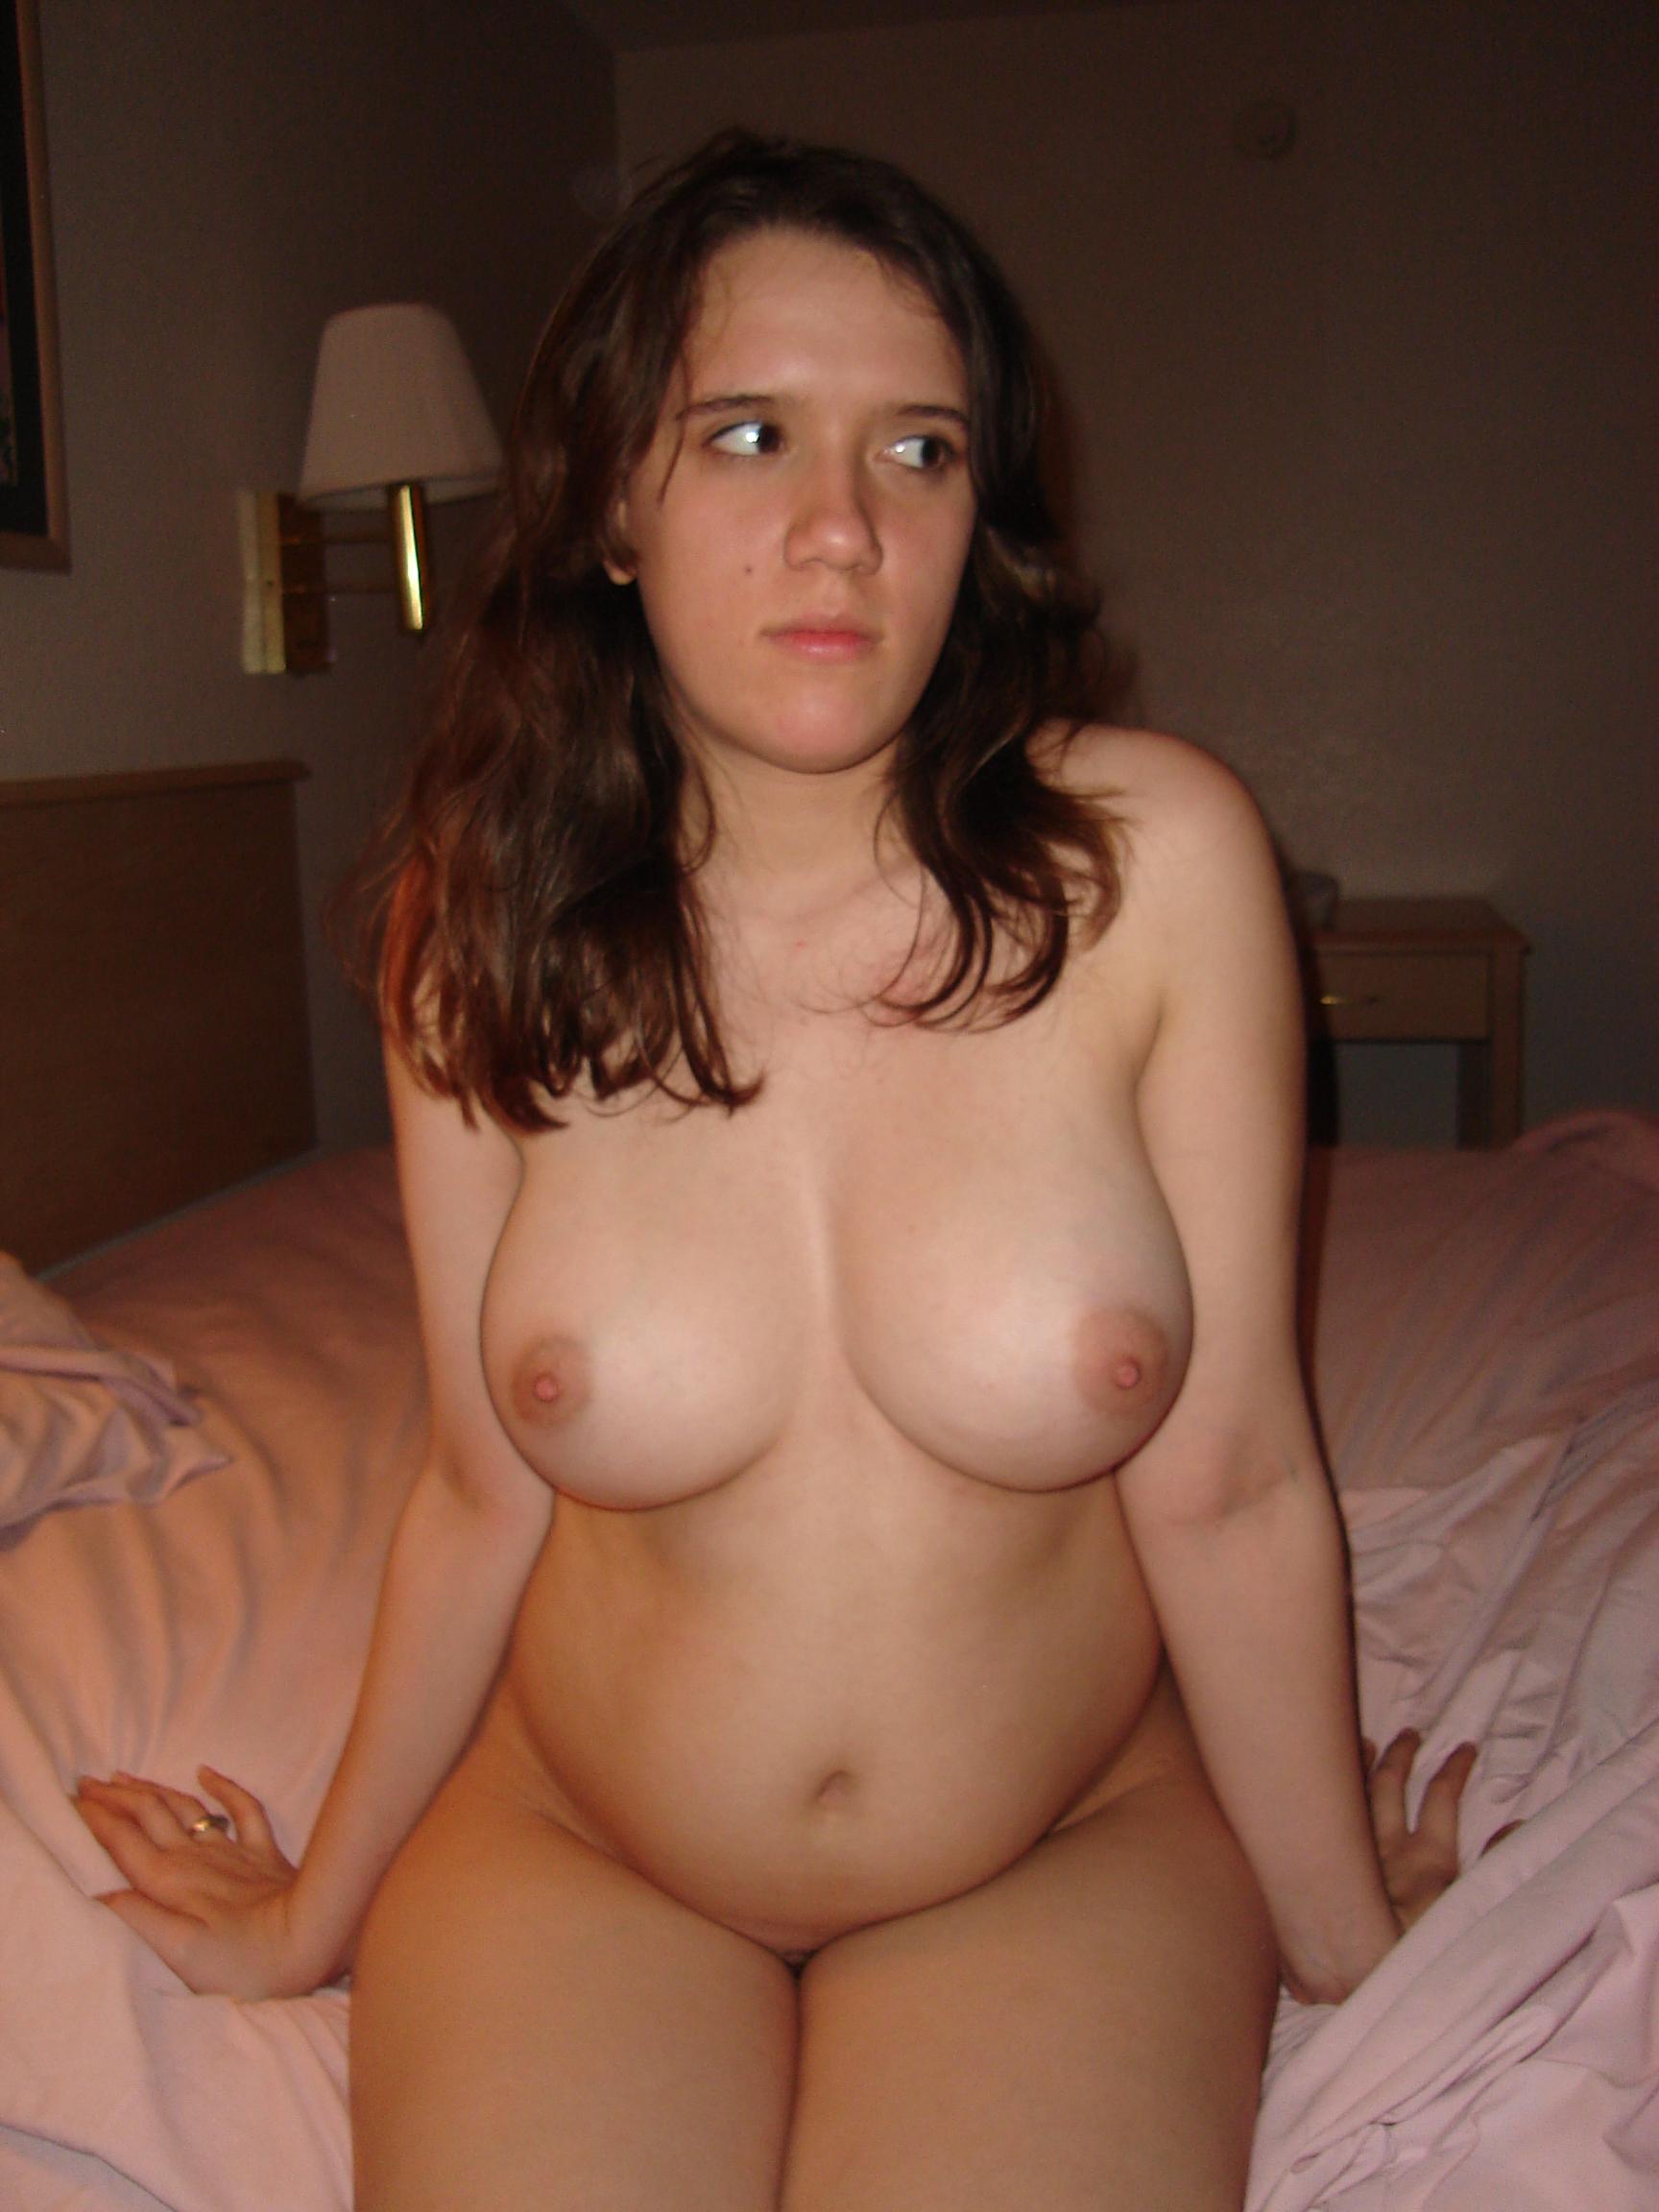 vidéo amateur sexe sexe nue